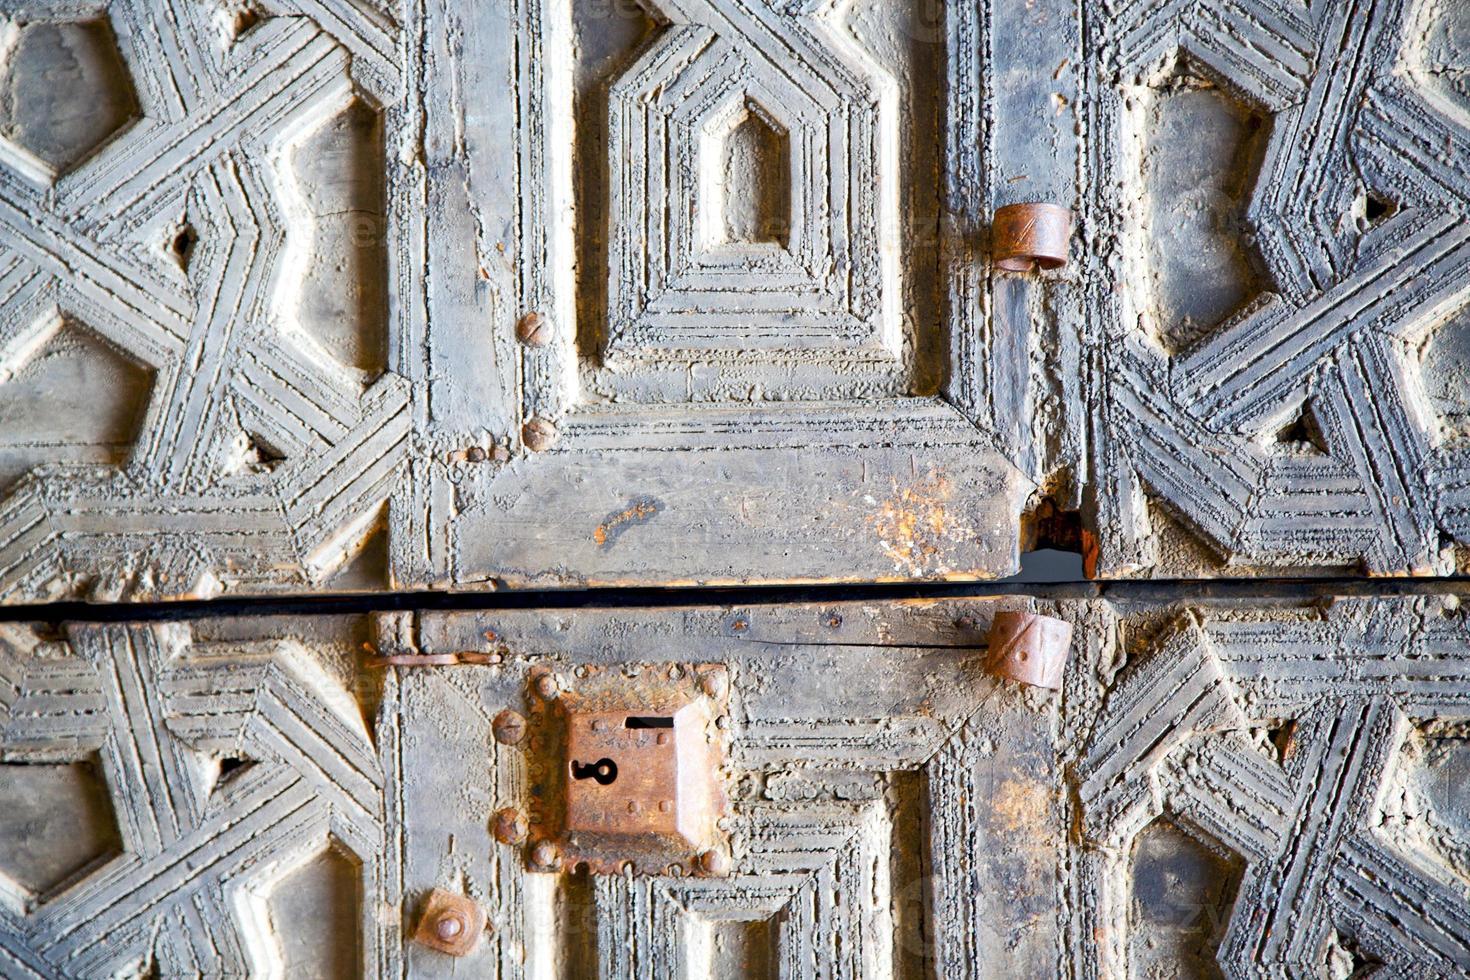 Marrón oxidado Marruecos en África fachada hogar y seguro foto